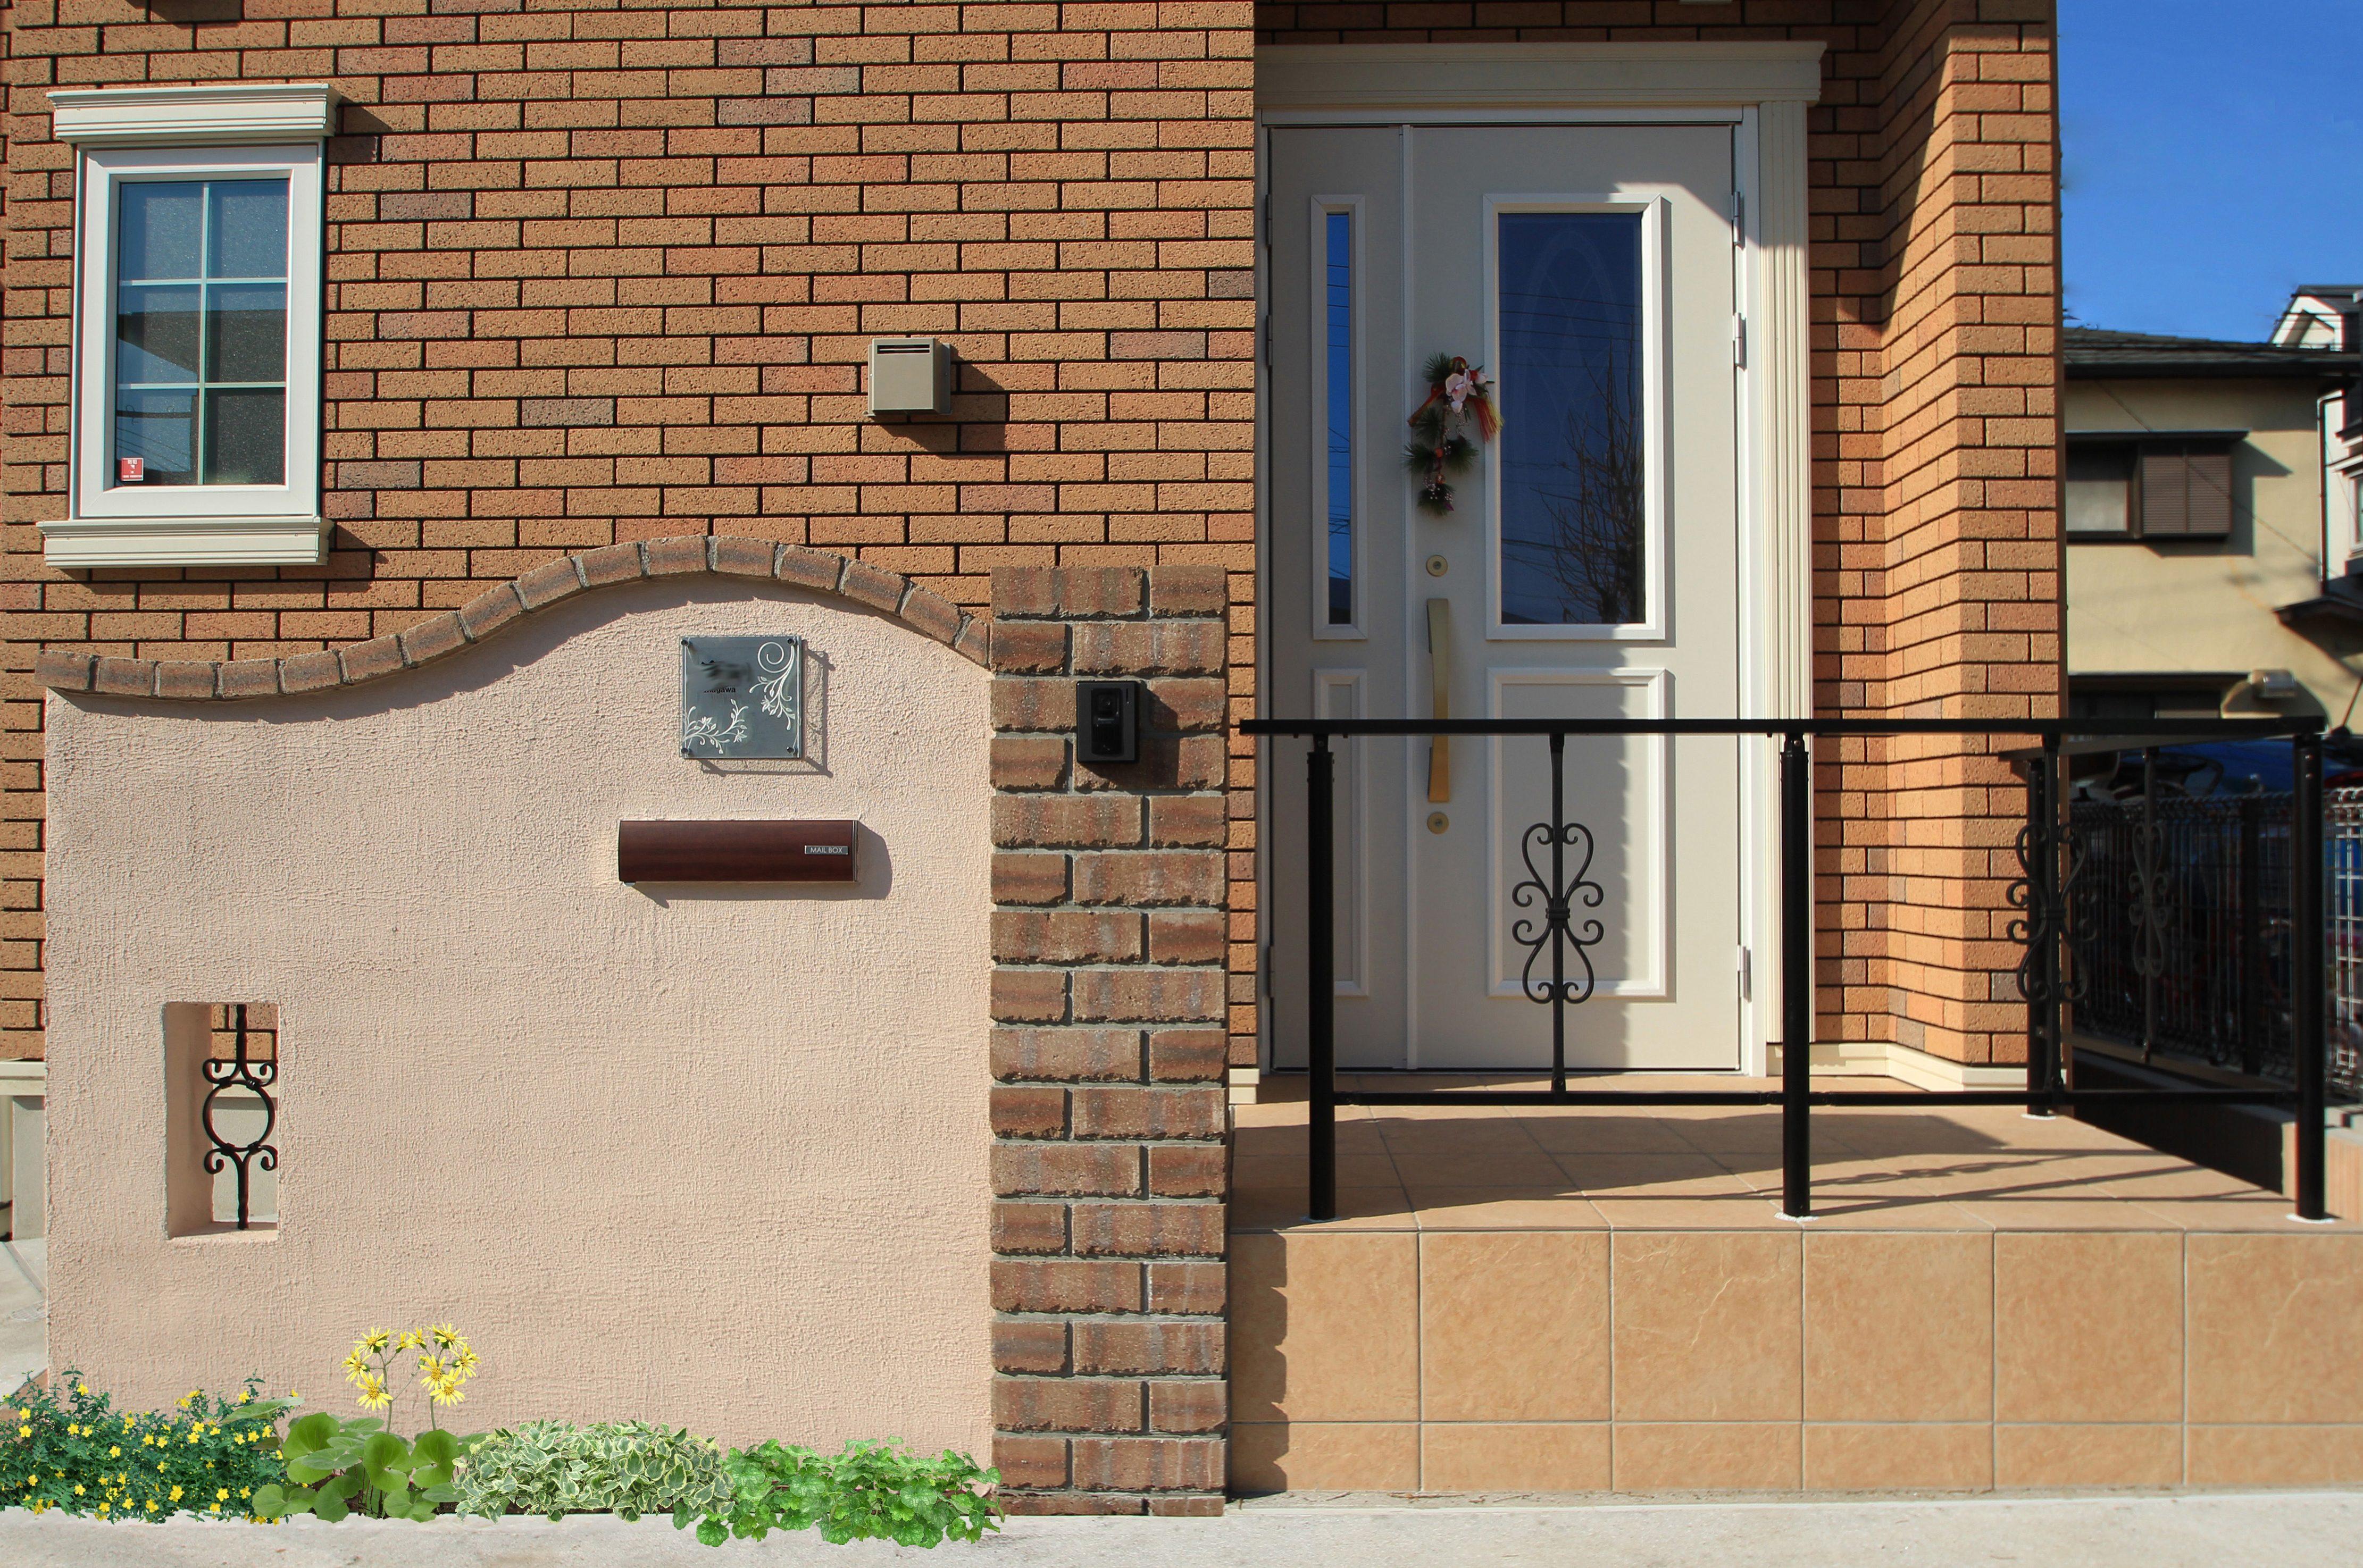 船橋市にて。レンガのカーブがかわいい玄関廻り。9